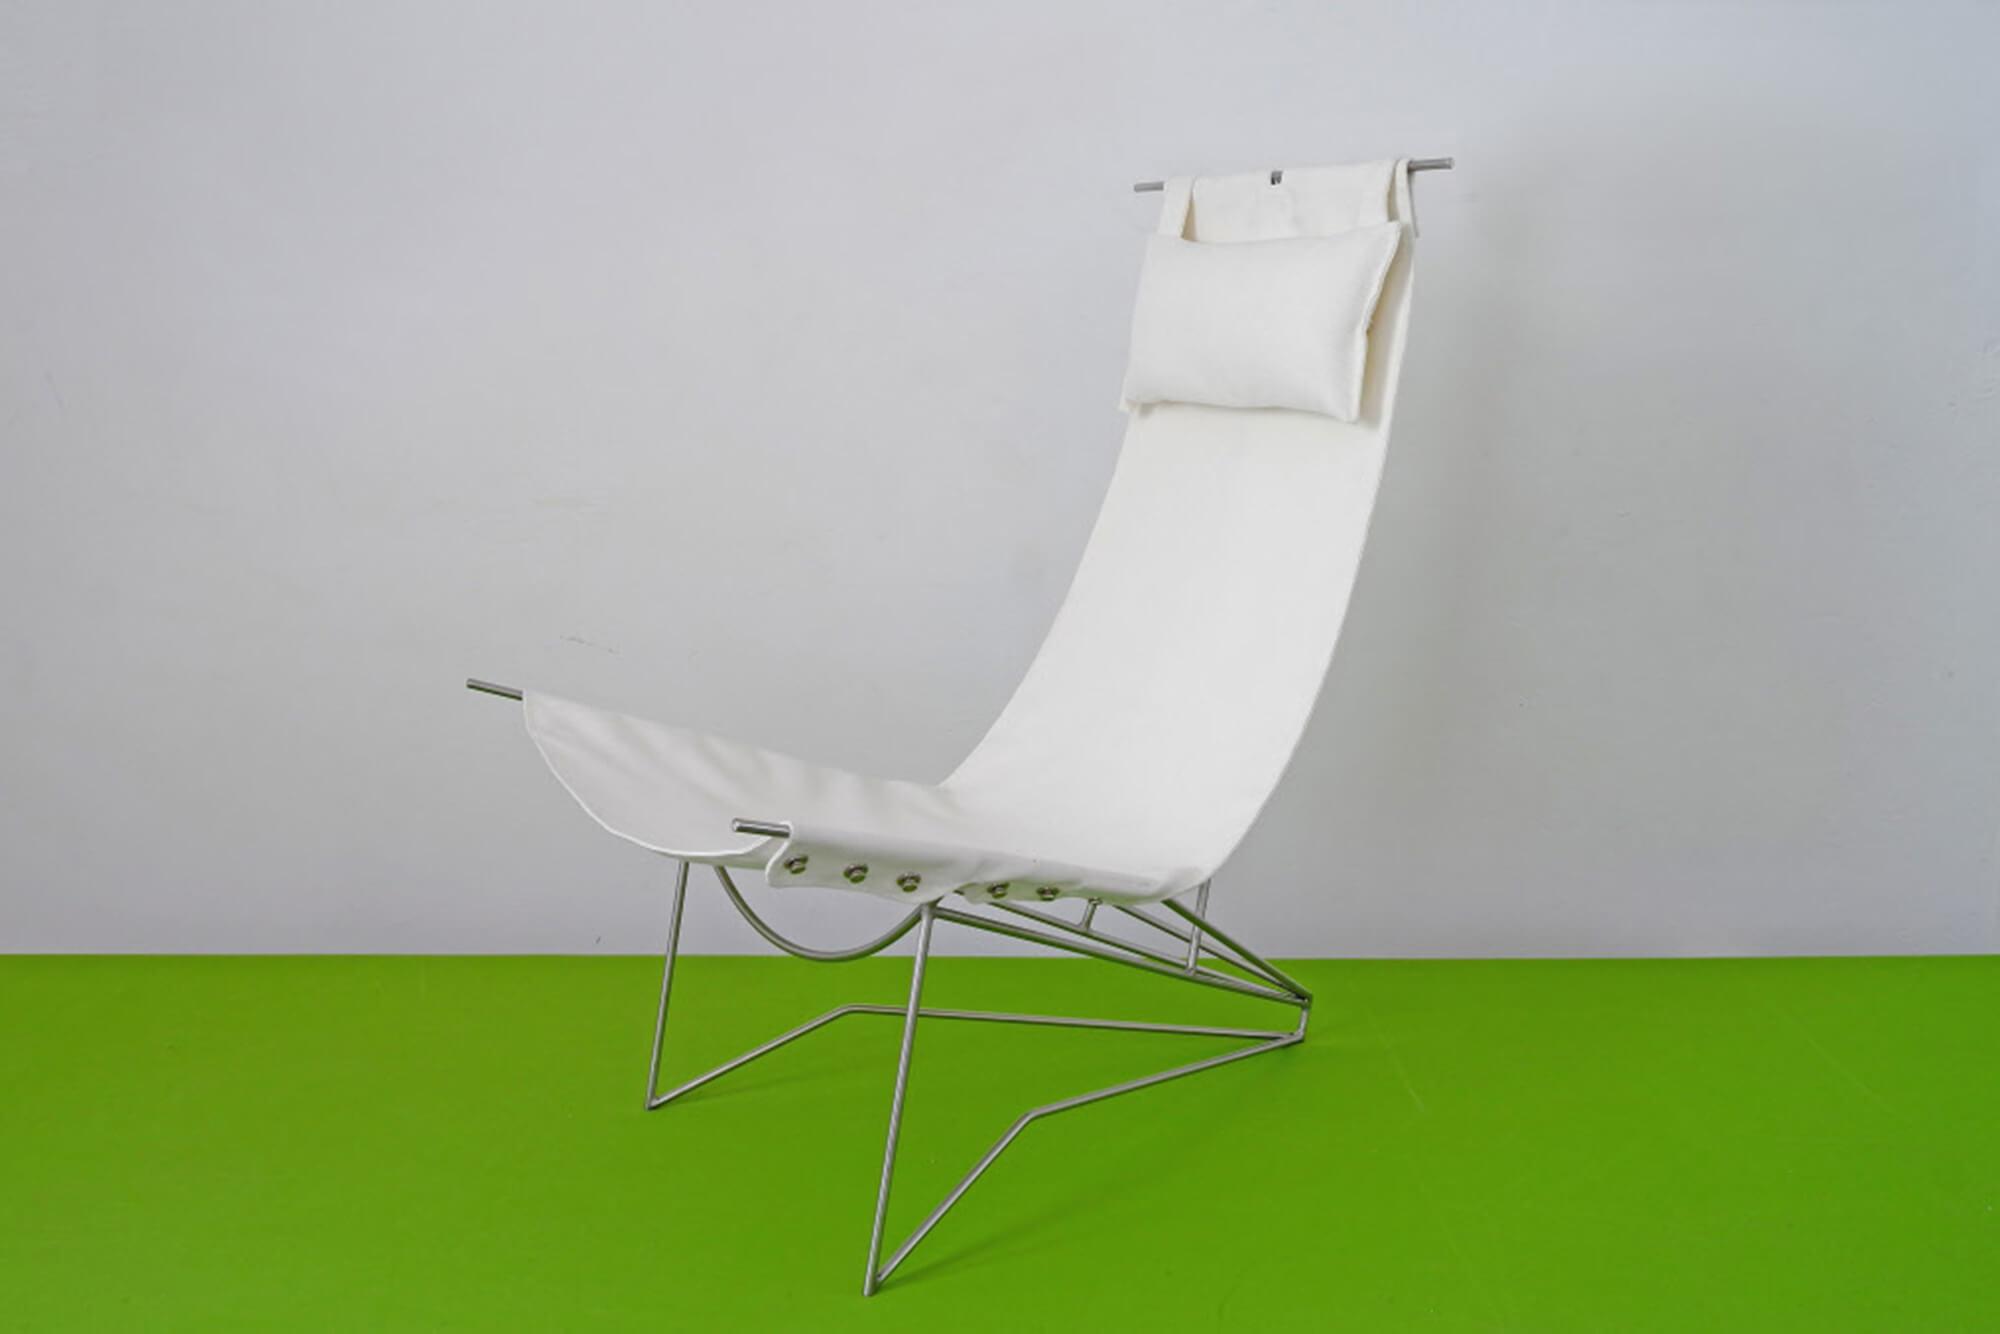 金属框架、白色 Sunbrella 织物装饰的坐椅